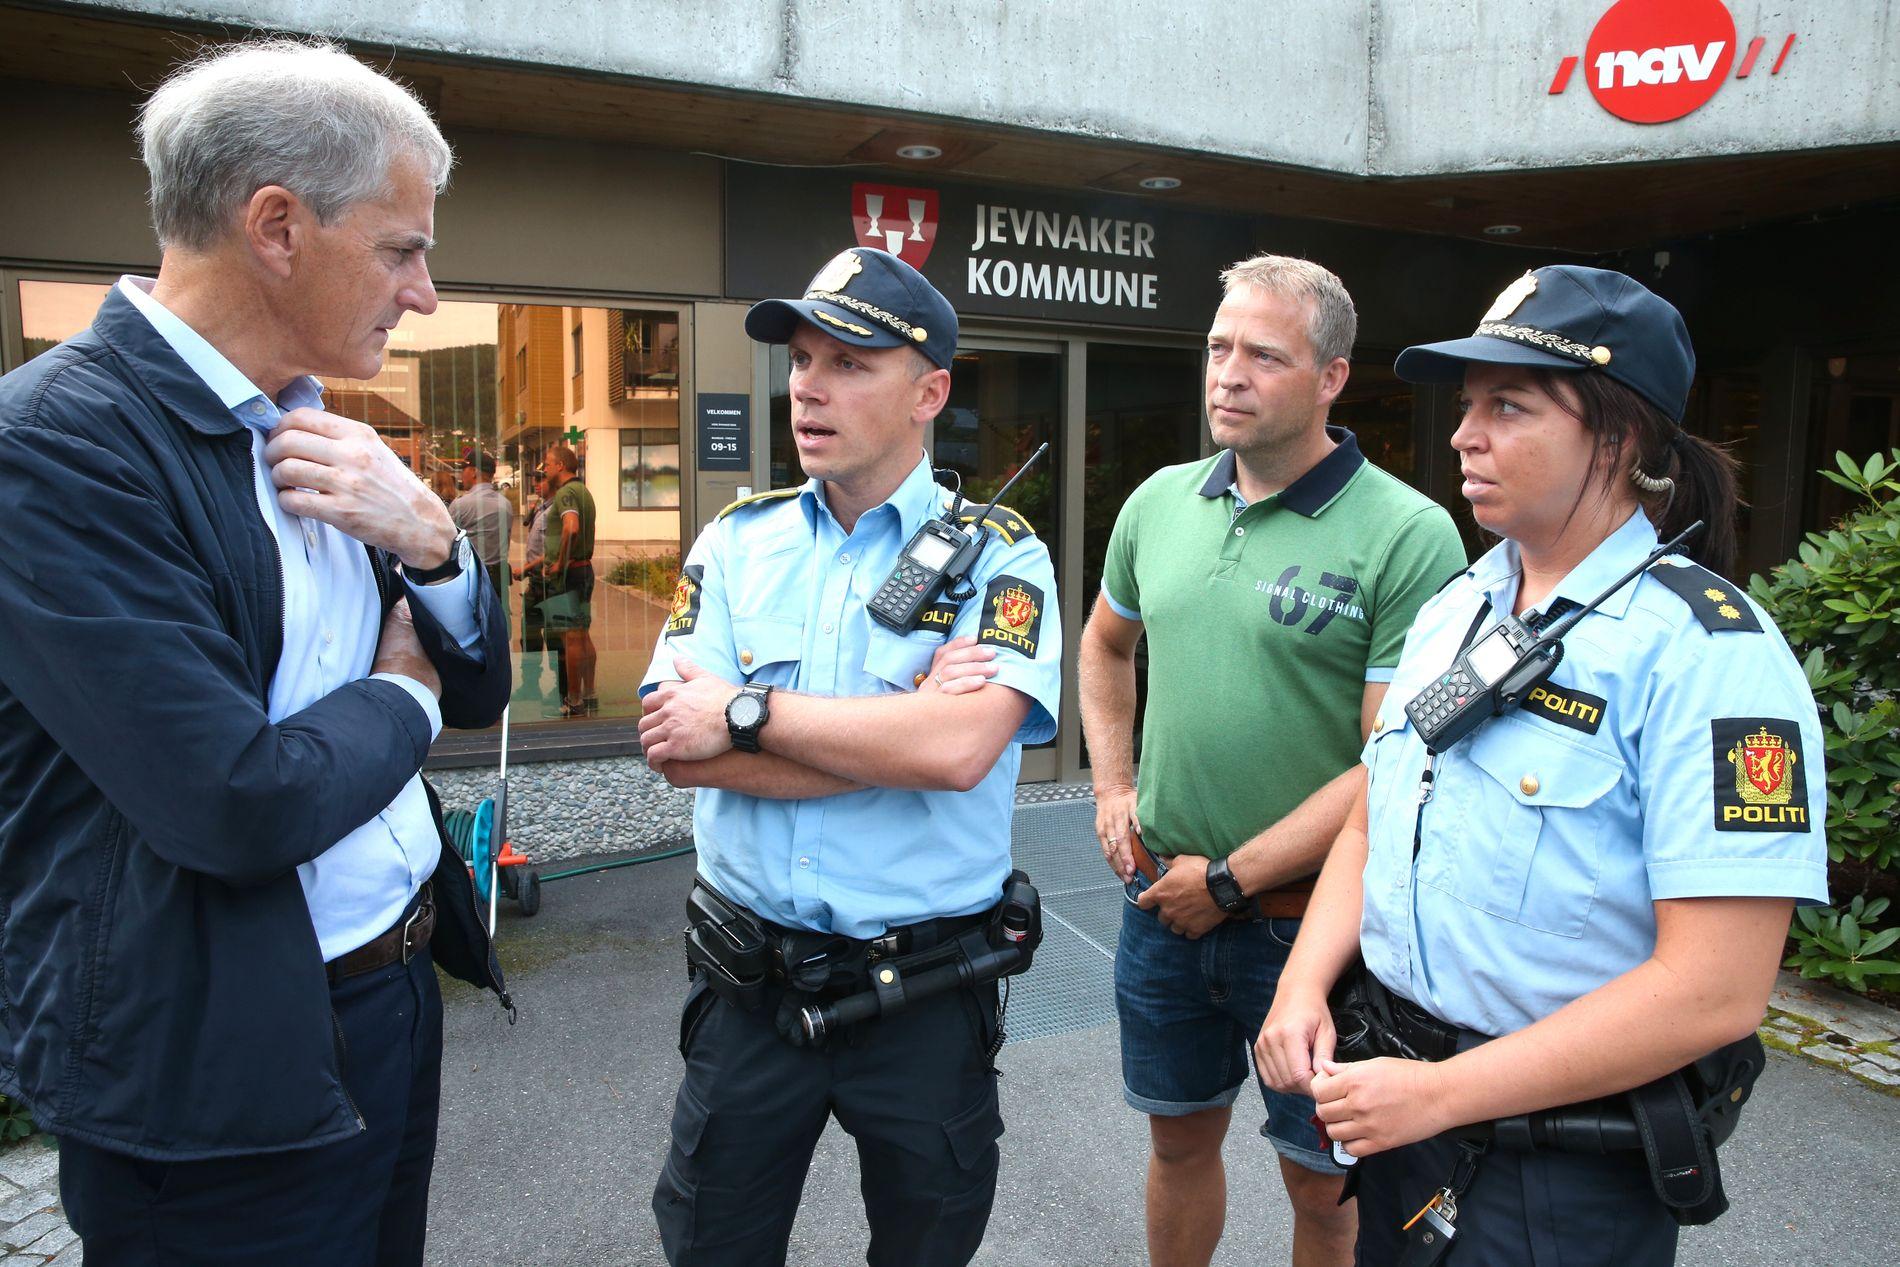 TRAKK STØTTEN: Ap-leder Jonas Gahr Støre møtte forrige uke politimann og ordførerkandidat i Jevnaker Morten Lafton (i grønn skjorte), og kollegene Verner Svendsen og Karoline Moe som har Hønefoss som tjenestested.